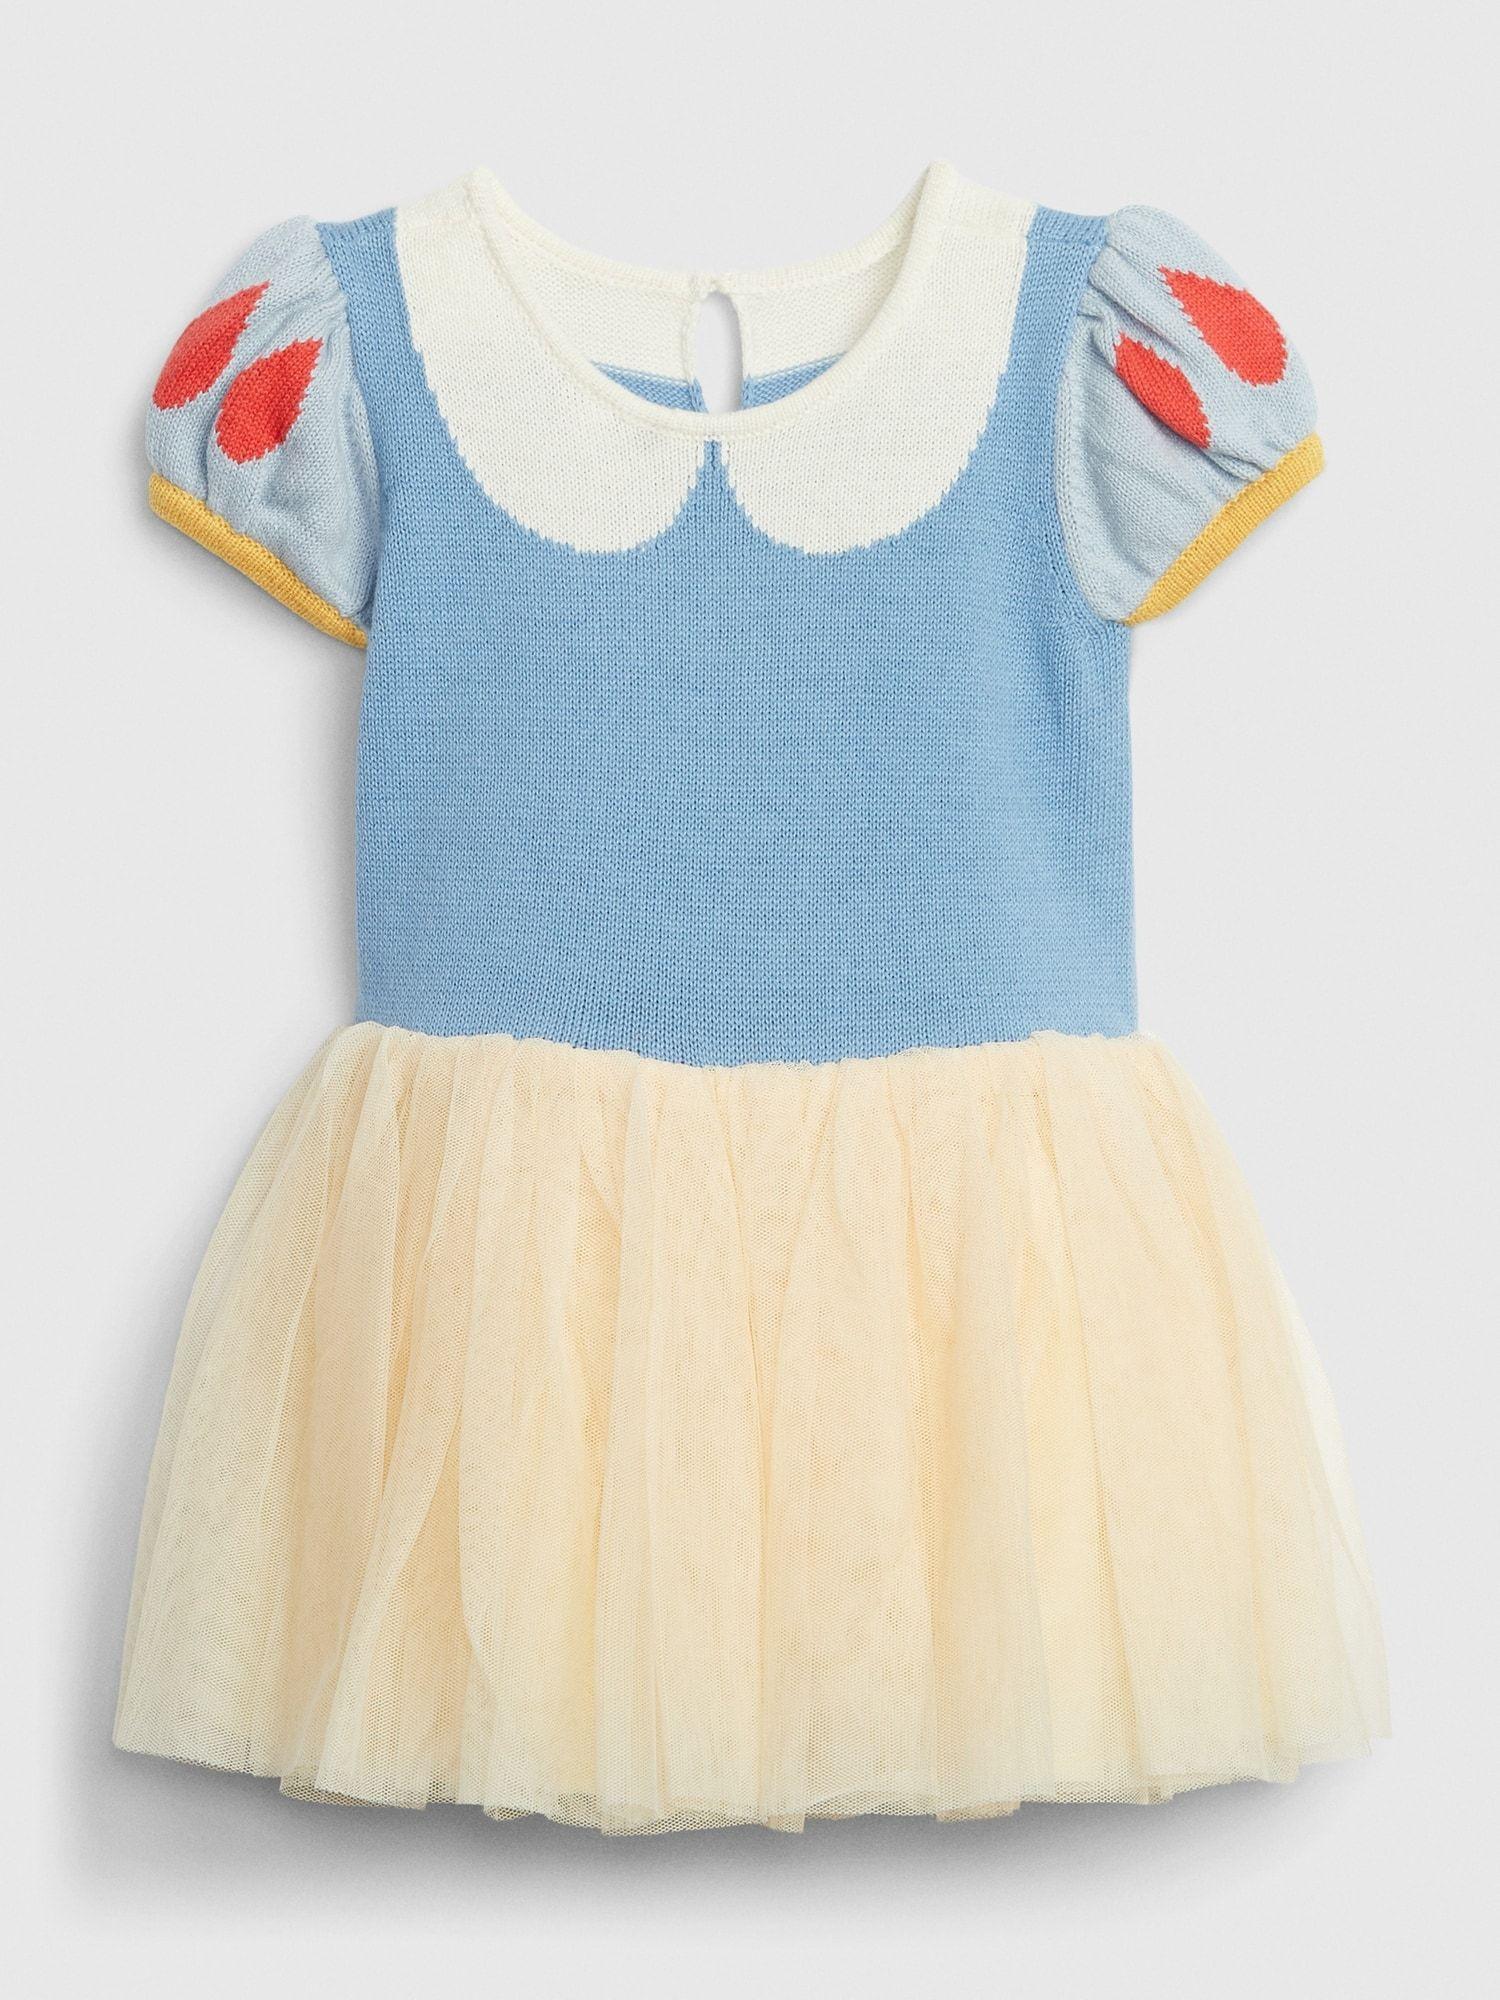 girls fashion handmade children/'s dress girls dresses Eve Dumbo party dresses girls clothing